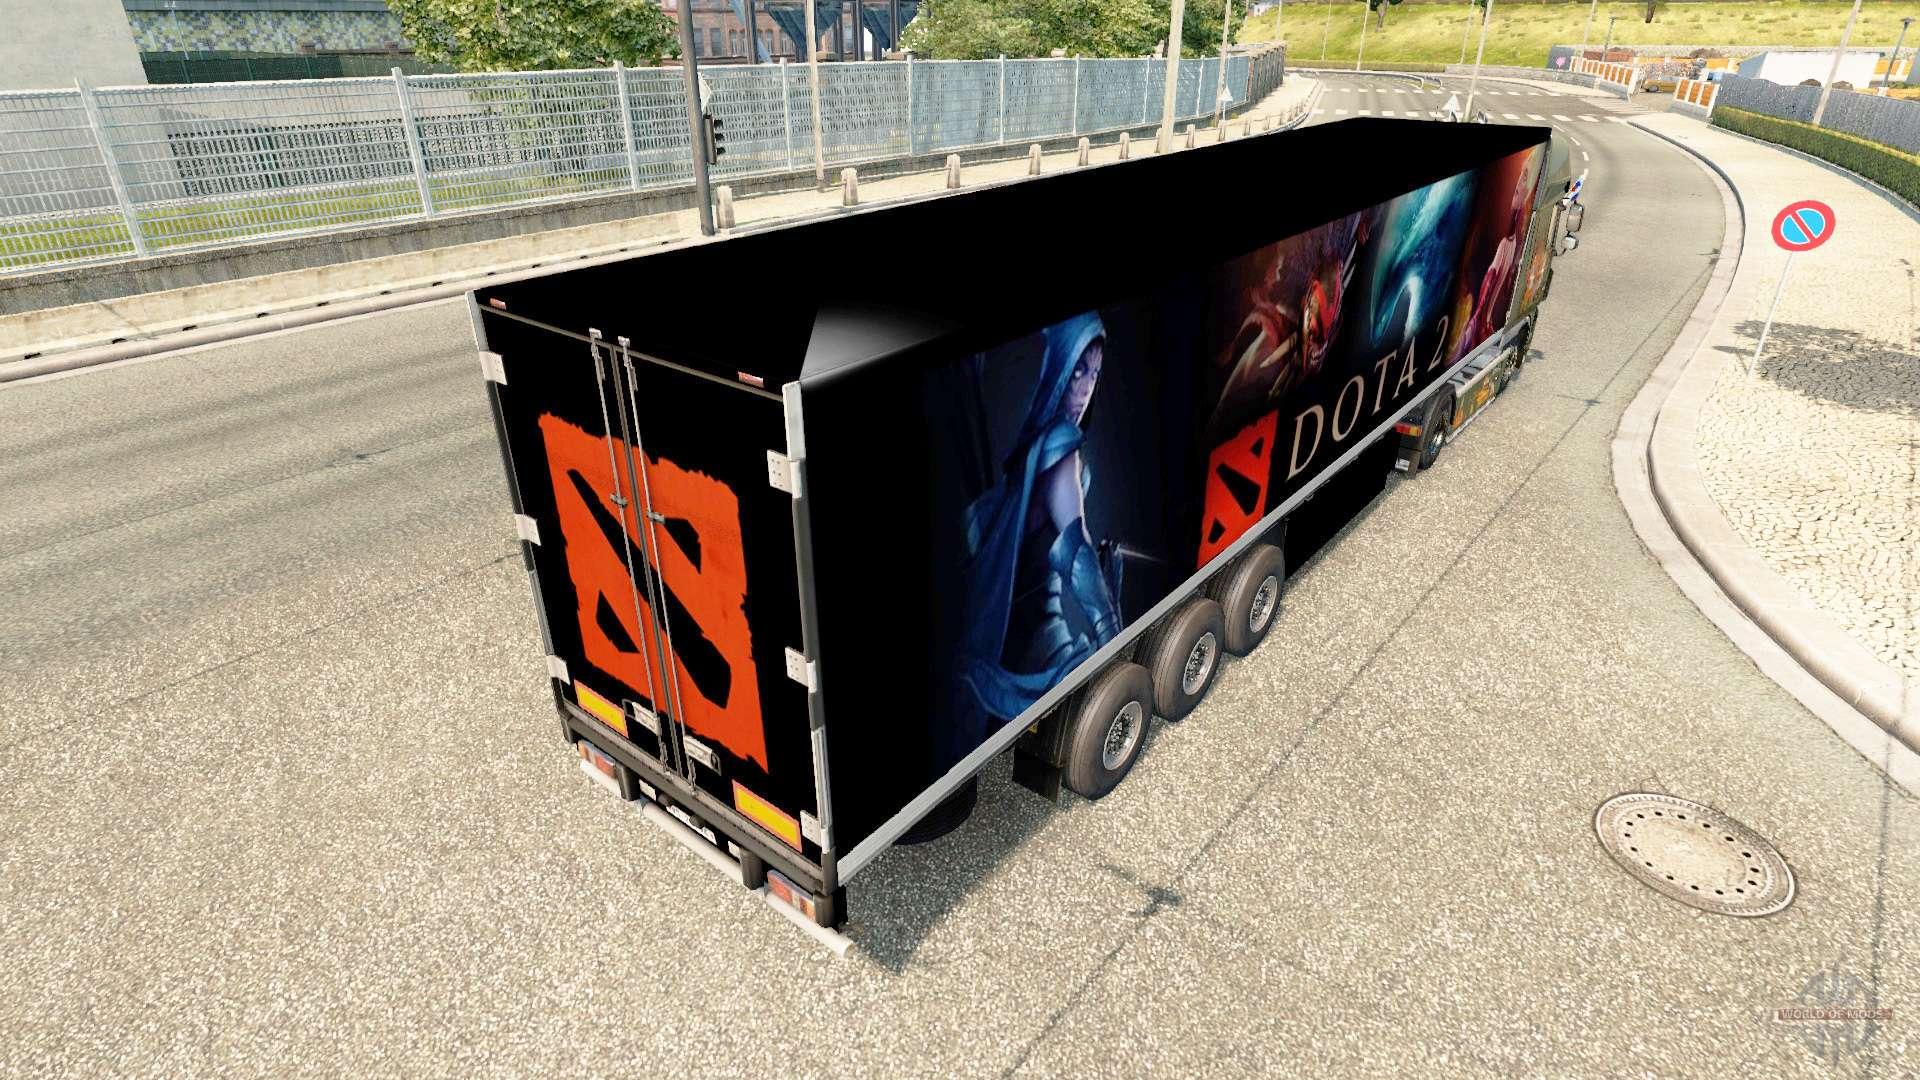 haut dota 2 auf dem anh nger f r euro truck simulator 2. Black Bedroom Furniture Sets. Home Design Ideas